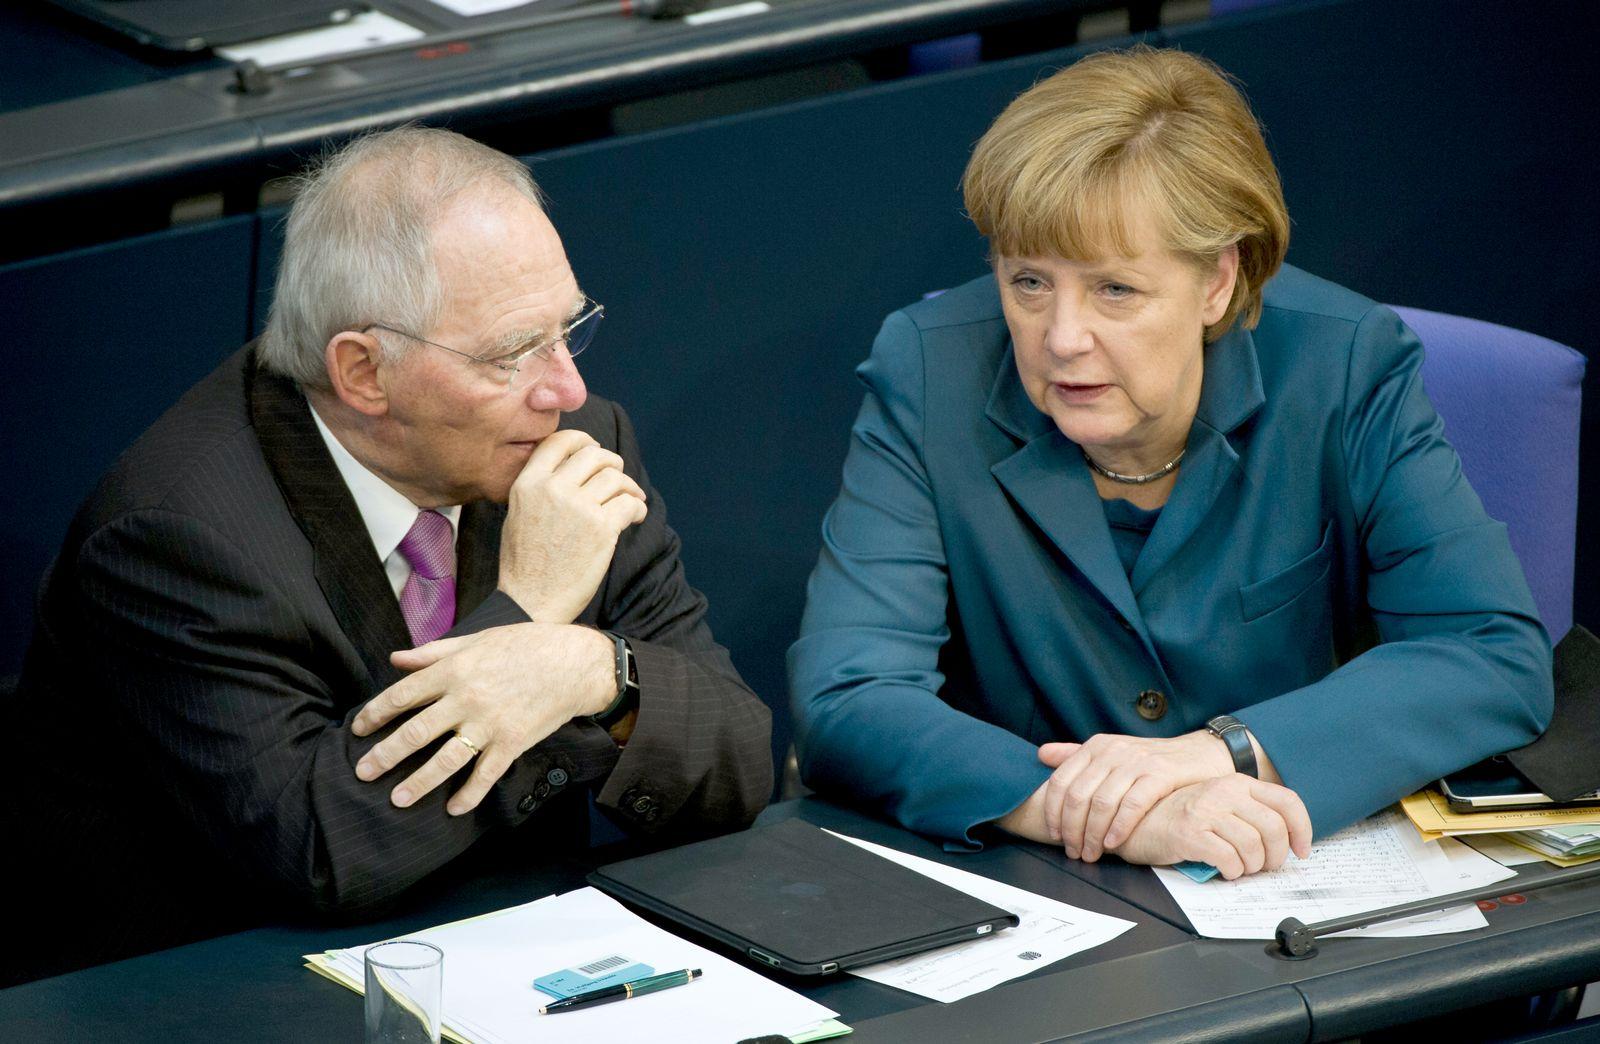 Schäuble / Merkel